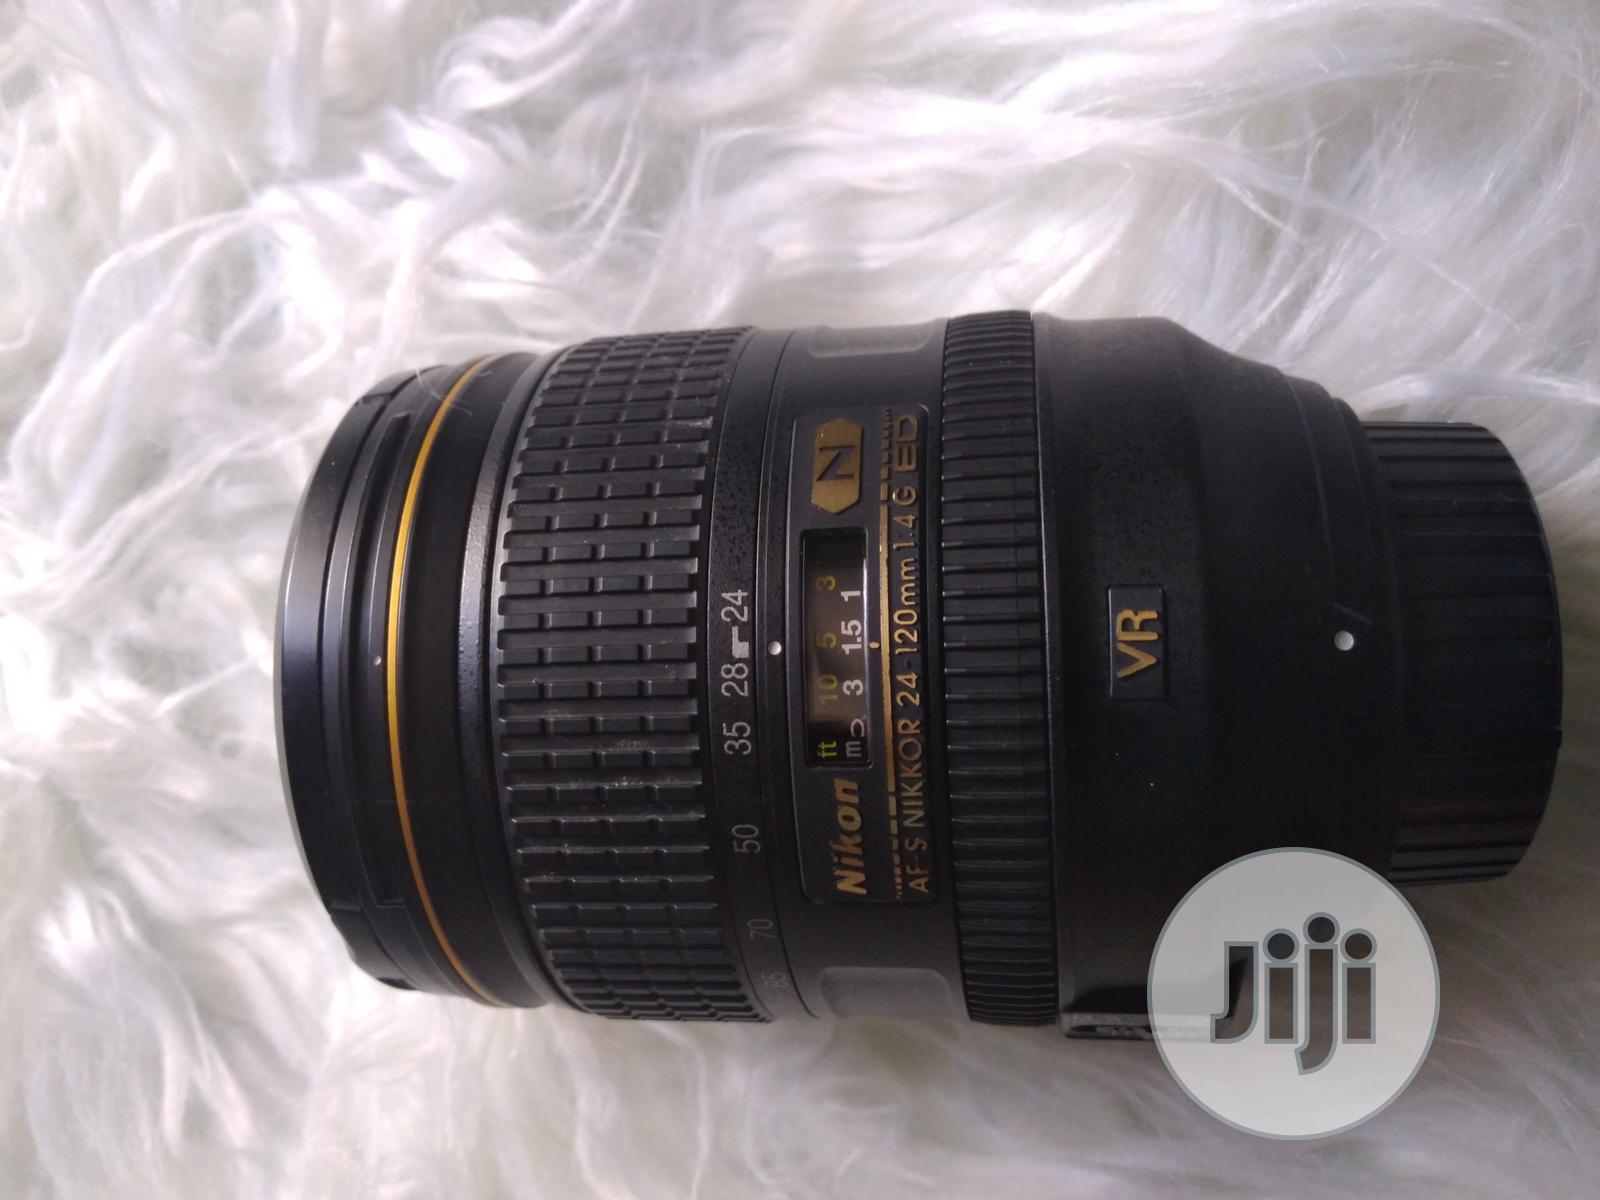 Archive: USED Nikon Af-s Nikkor 24-120mm F/4g Ed VR Zoom Lens